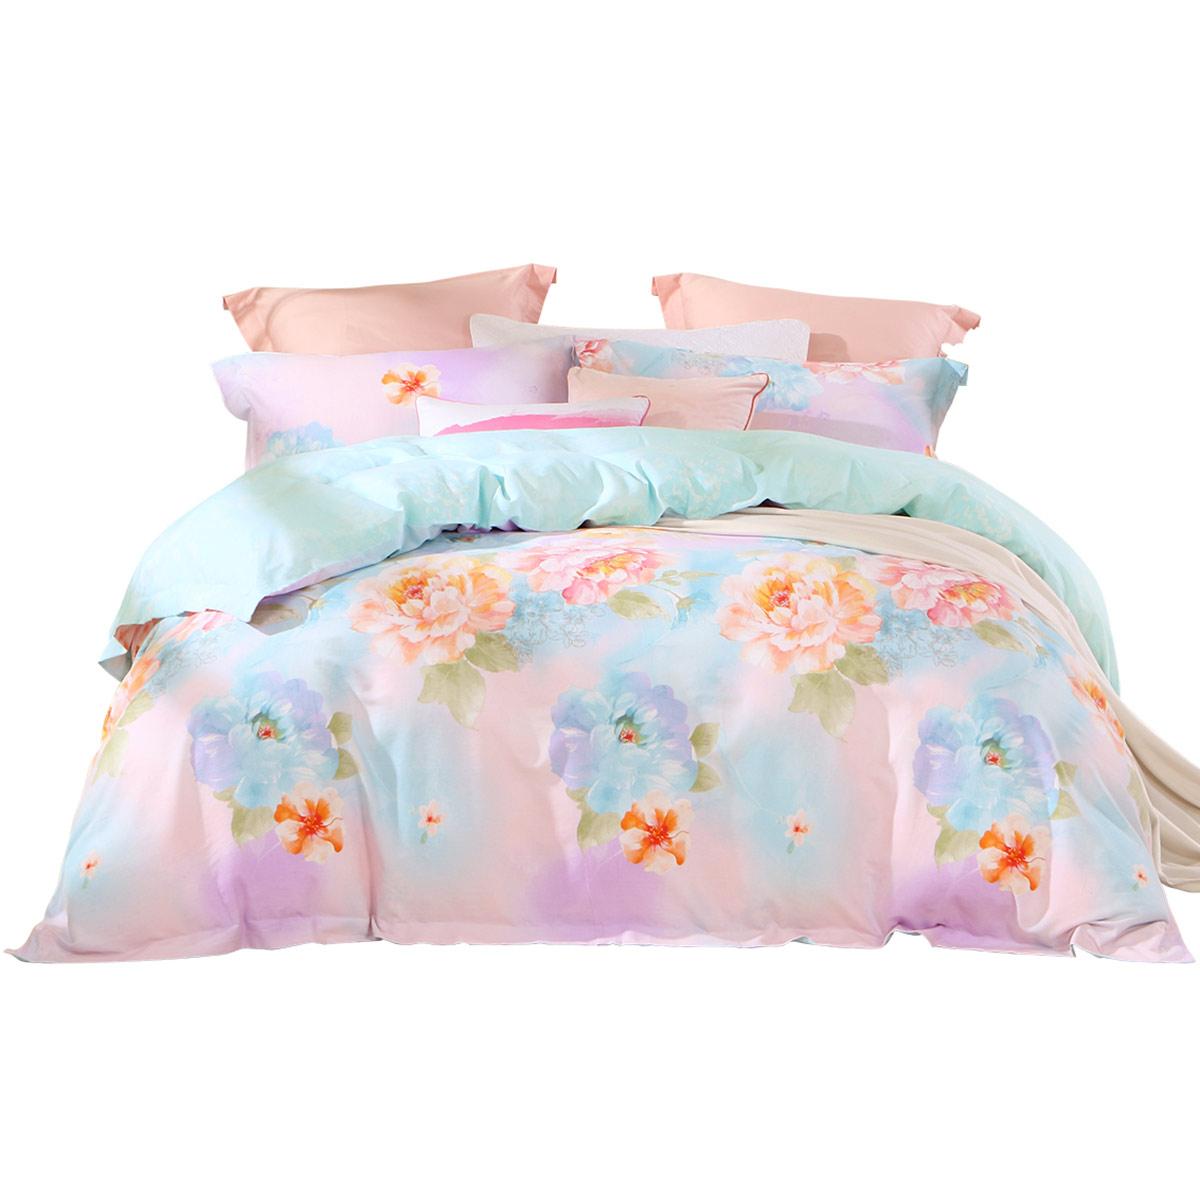 百丽丝家纺全棉磨毛印花四件套花溪碧被套床单加厚保暖床上用品